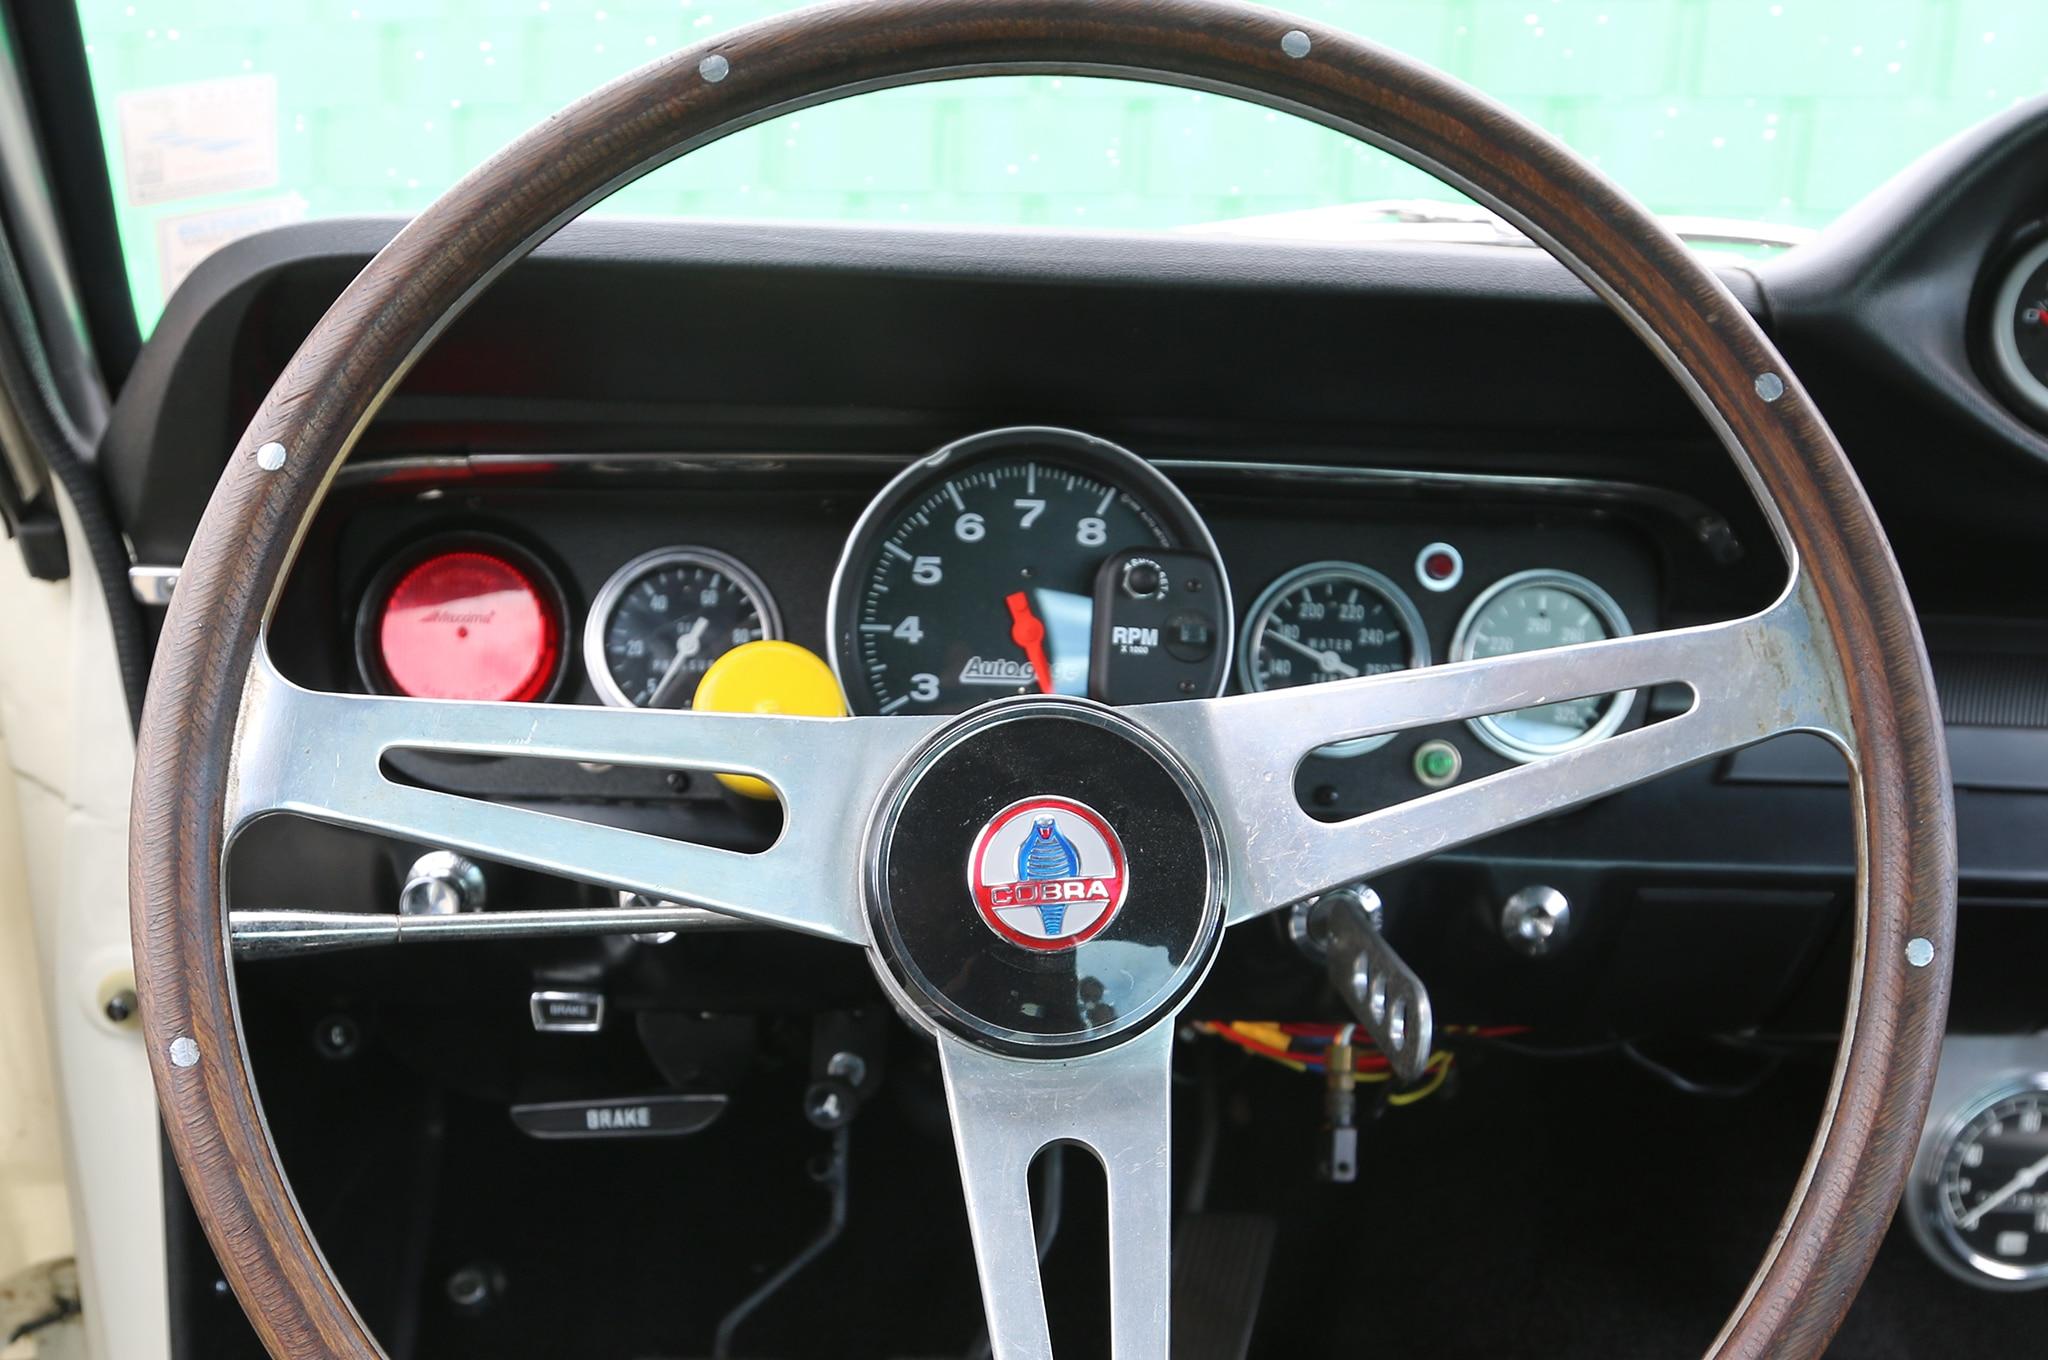 1966 Ford Mustang Steering Wheel